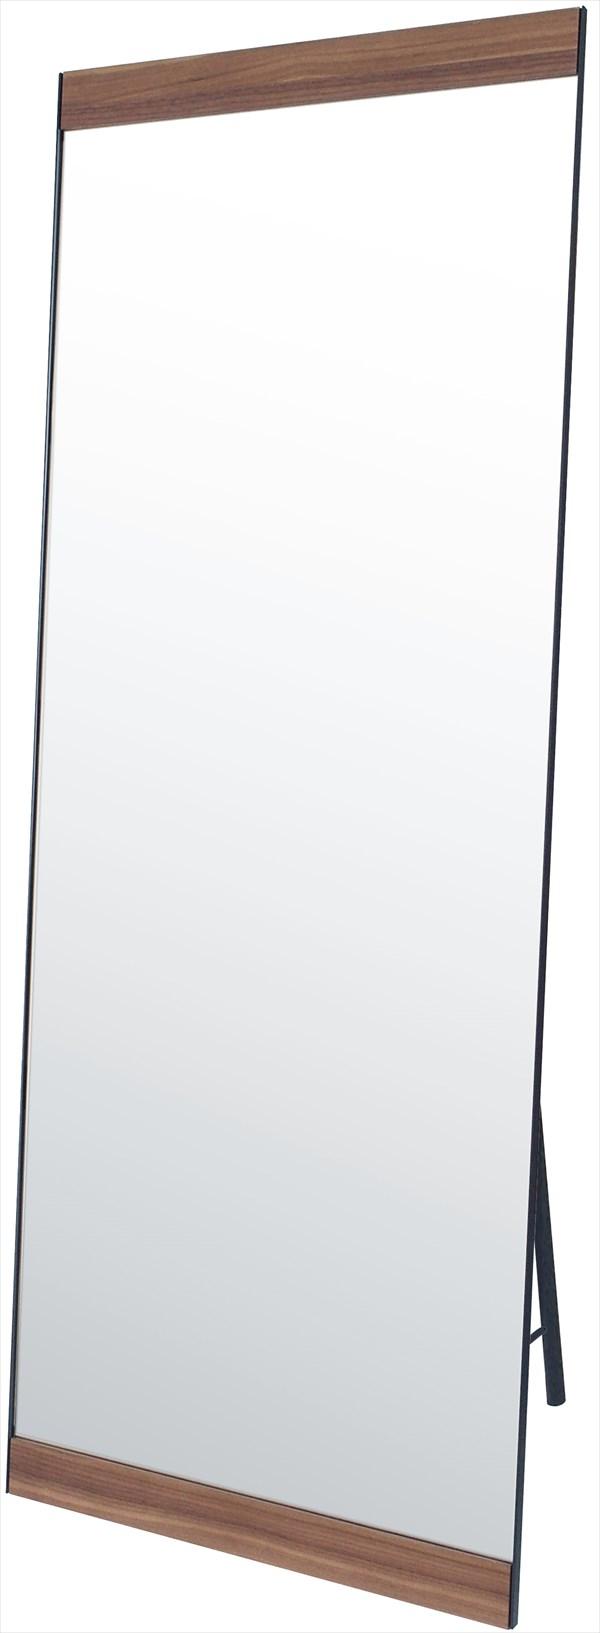 ウォールミラー シルエット ビンテージS600 家具 鏡 ミラー 塩川 インテリア(代引不可)【送料無料】